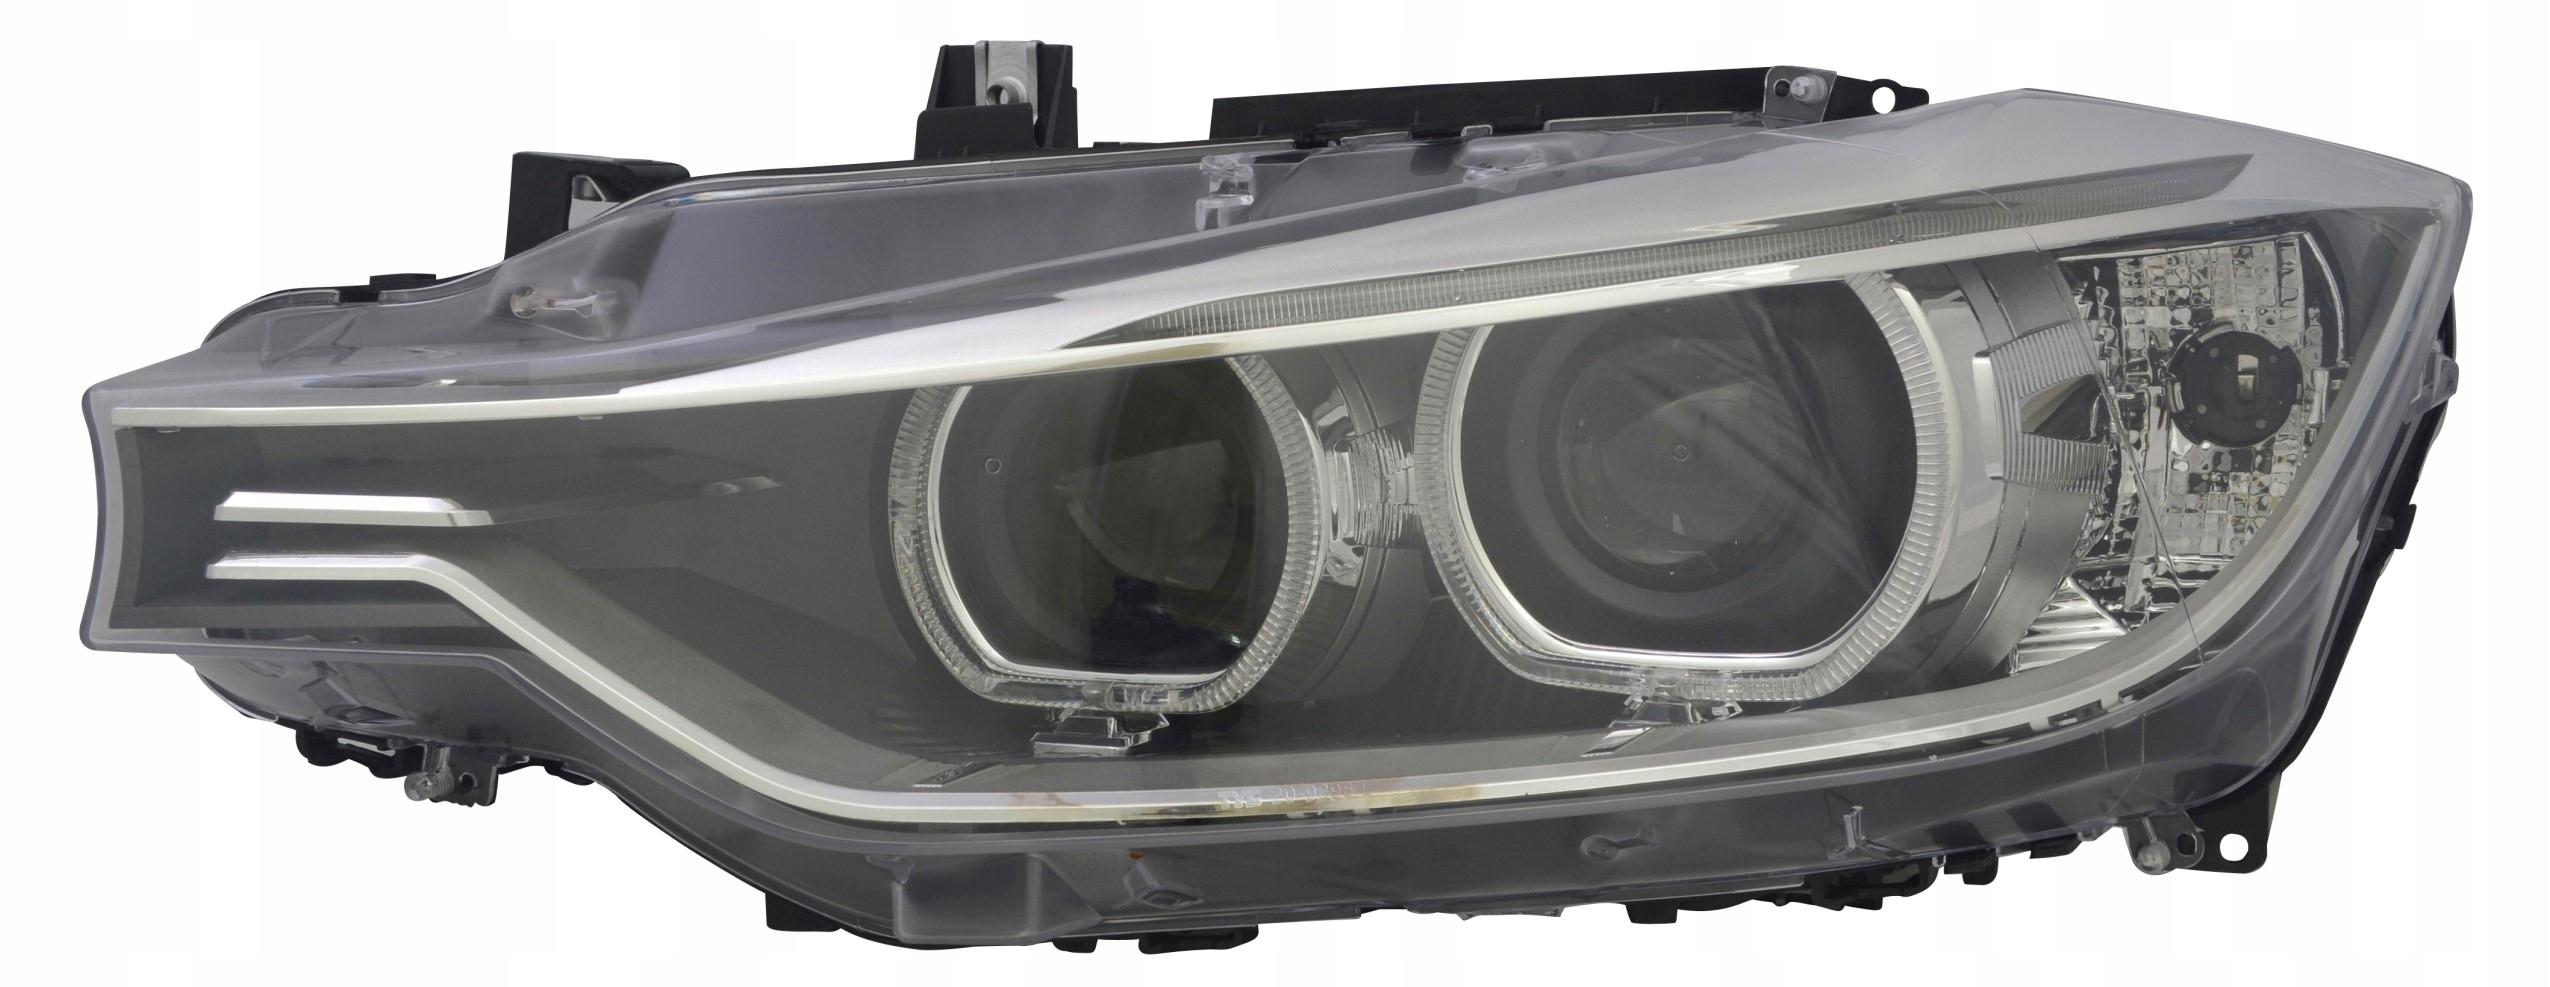 фары лампа ele ксенон le bmw 3 f30 11-15